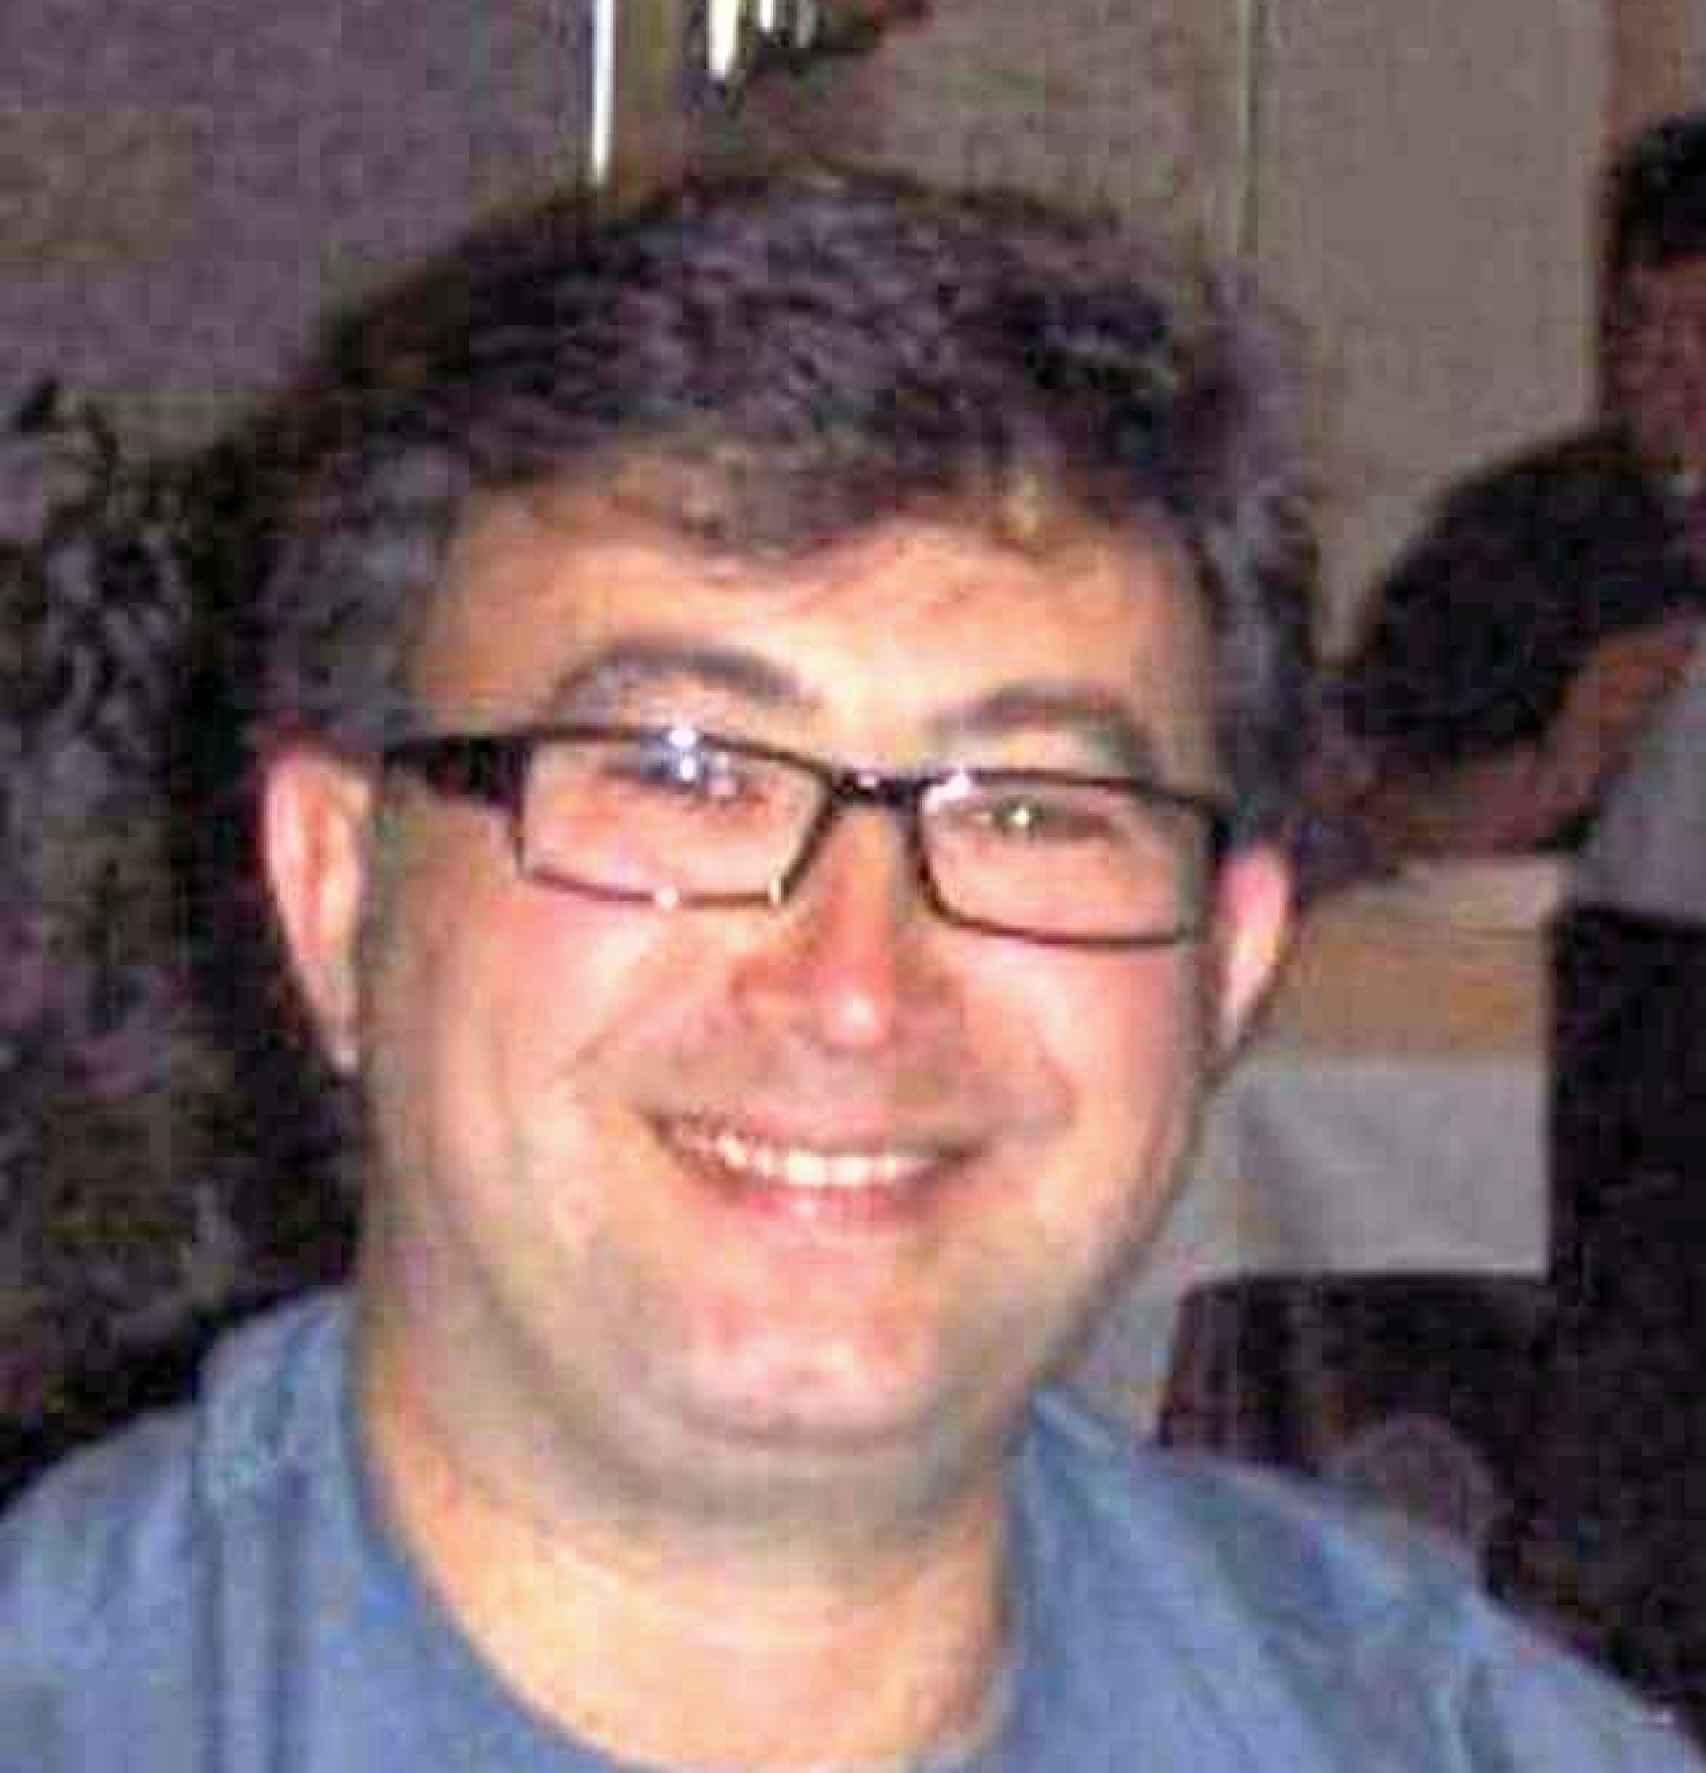 Juan Carlos, de 46 años, murió apuñalado en el hospital de Molina de Segura.